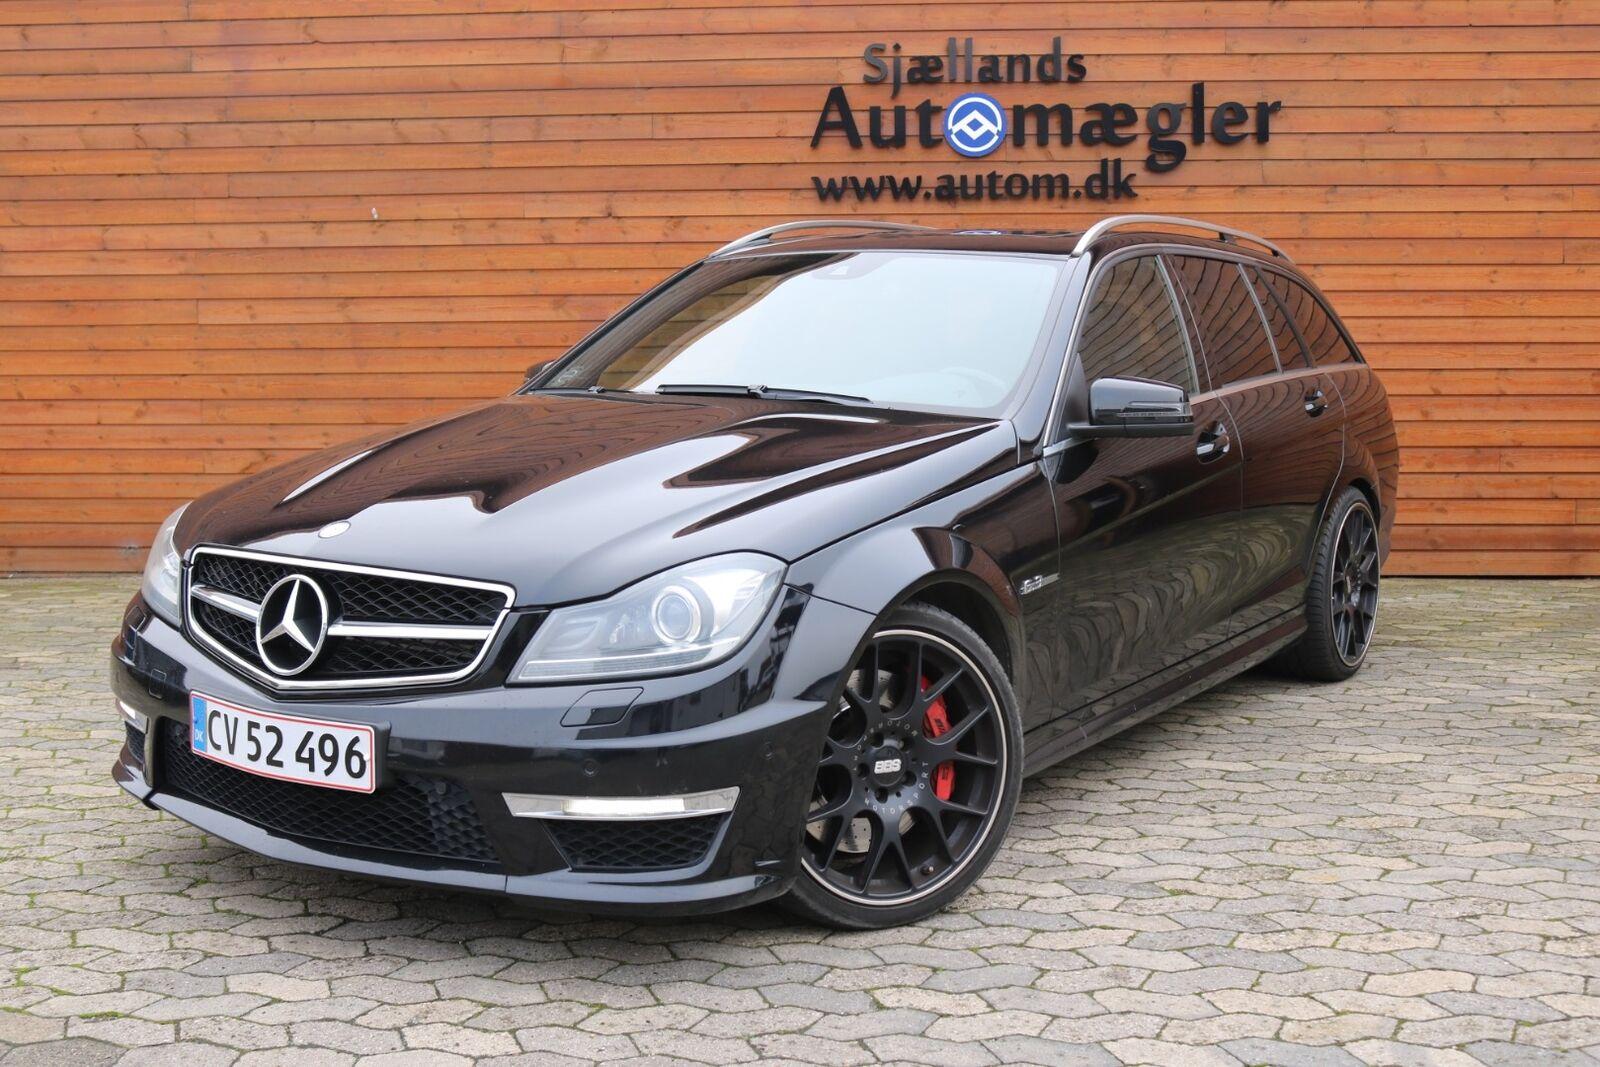 Mercedes C63 6,3 AMG Performance stc. aut. 5d - 1.434 kr.